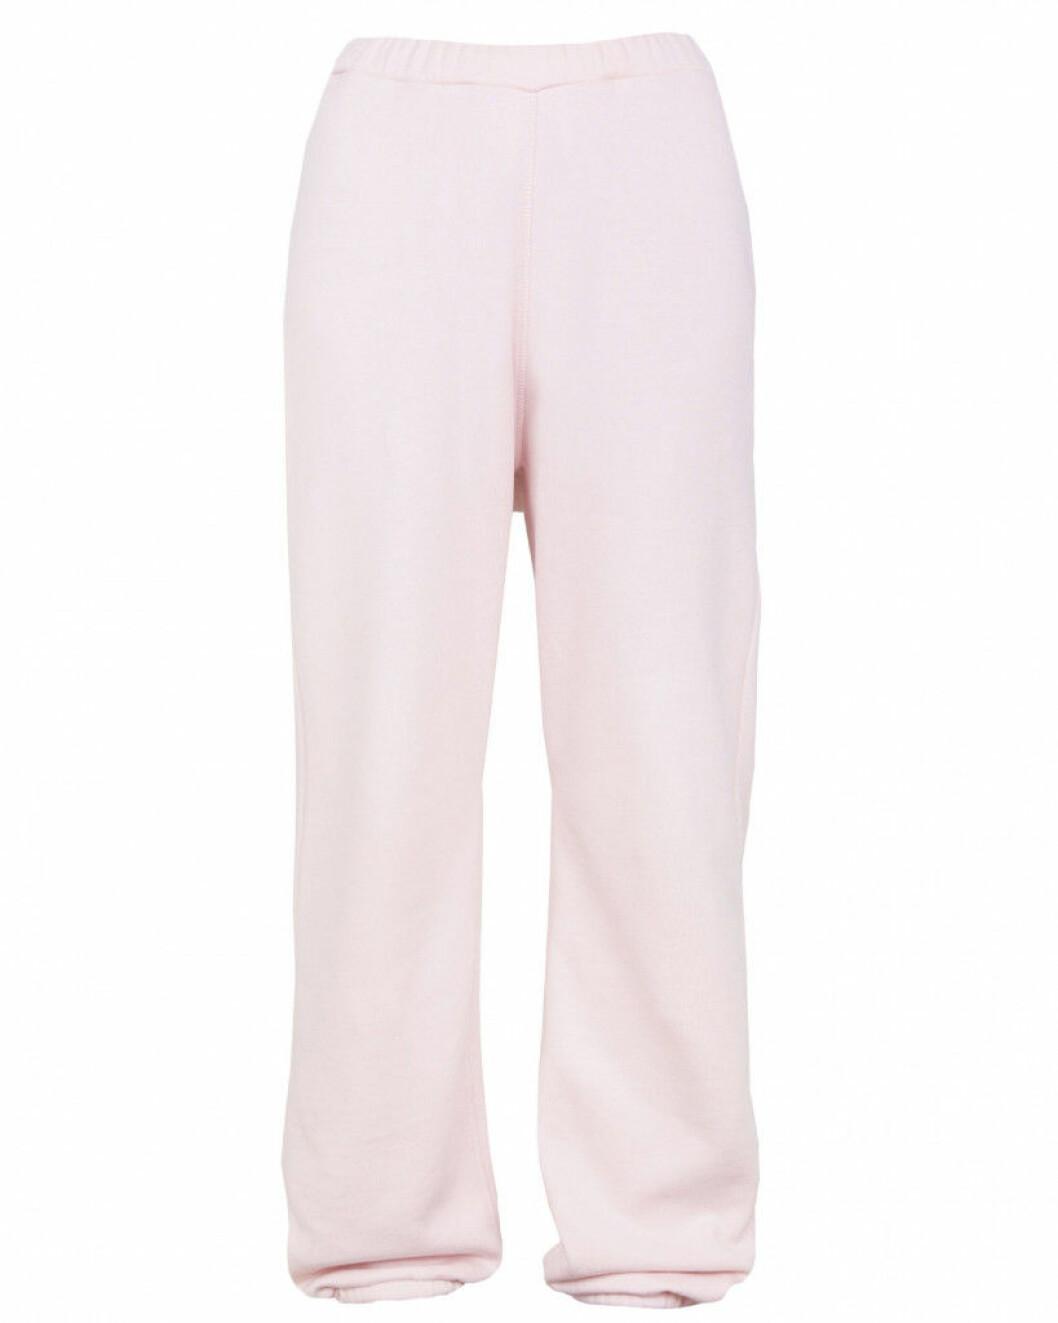 rosa mjukisbyxa från ragdoll